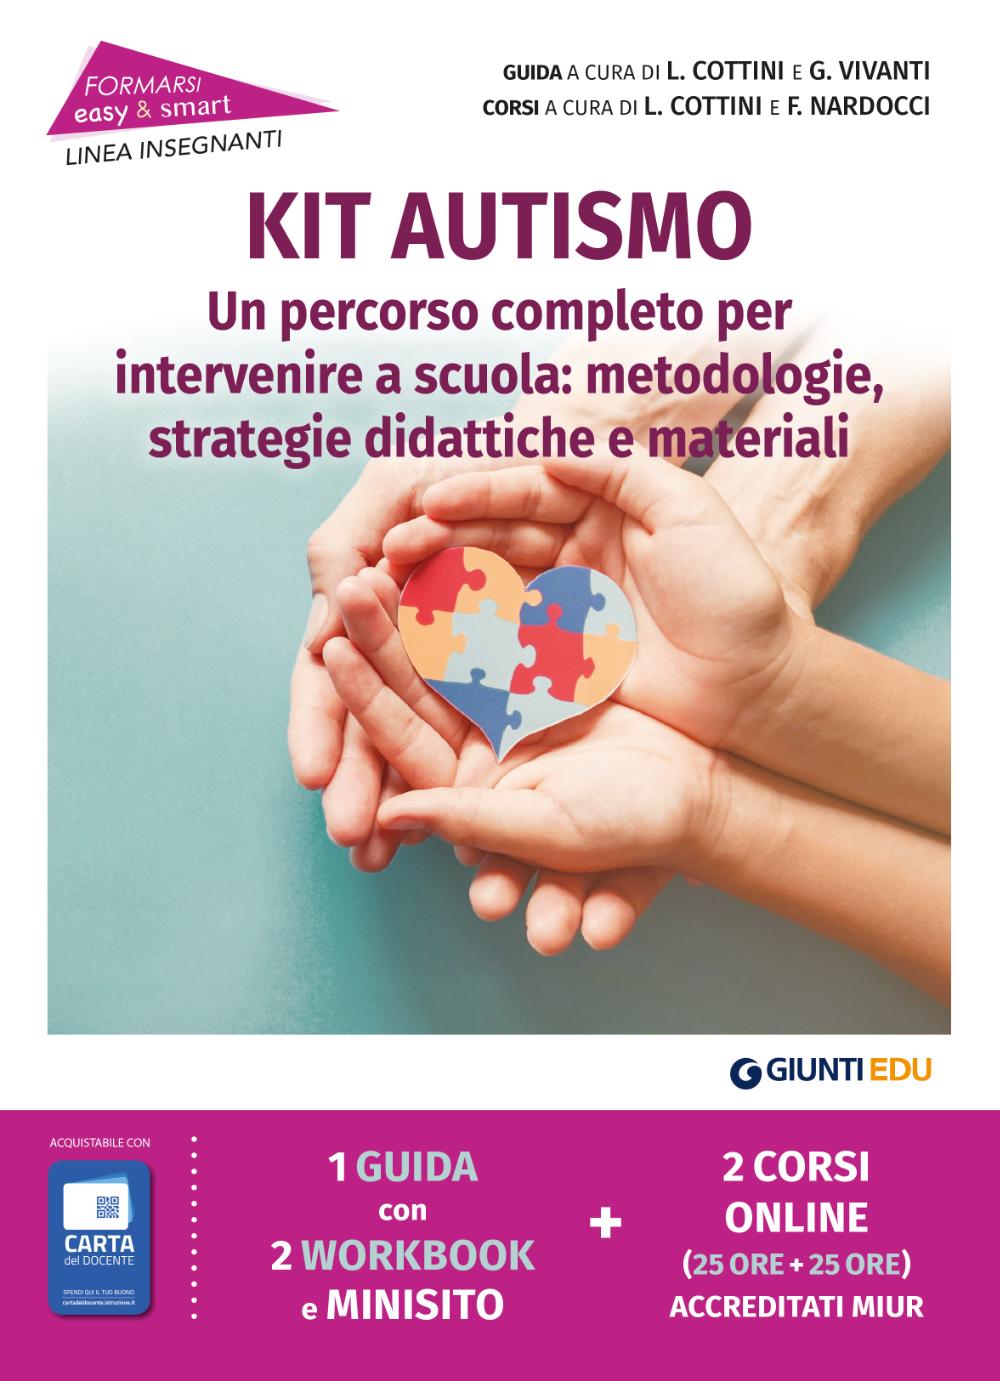 Kit Autismo Un percorso completo per intervenire a scuola